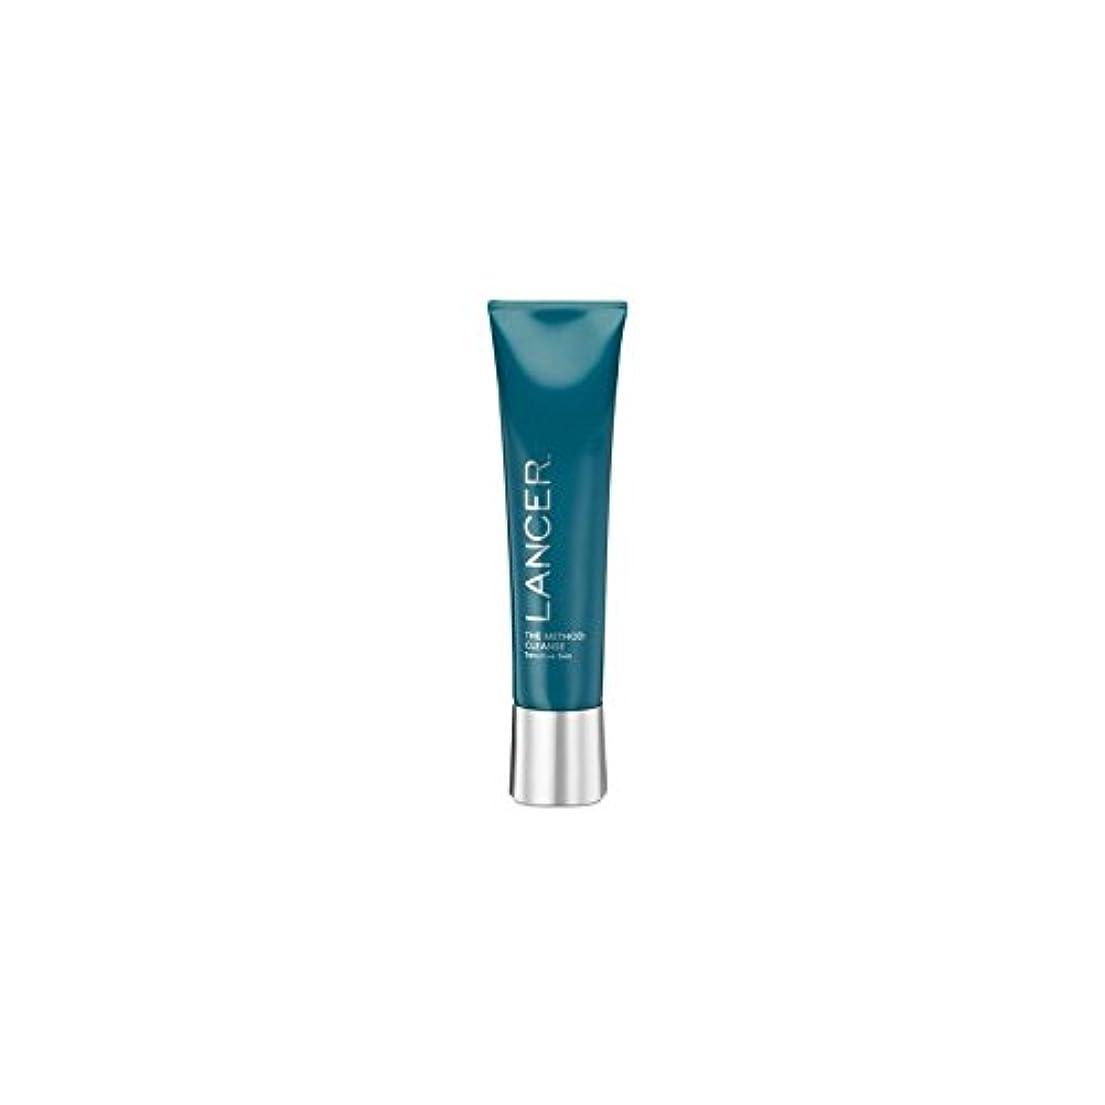 ご近所注入市の中心部Lancer Skincare The Method: Cleanser Sensitive Skin (120ml) (Pack of 6) - クレンザー敏感肌(120ミリリットル):ランサーは、メソッドをスキンケア...